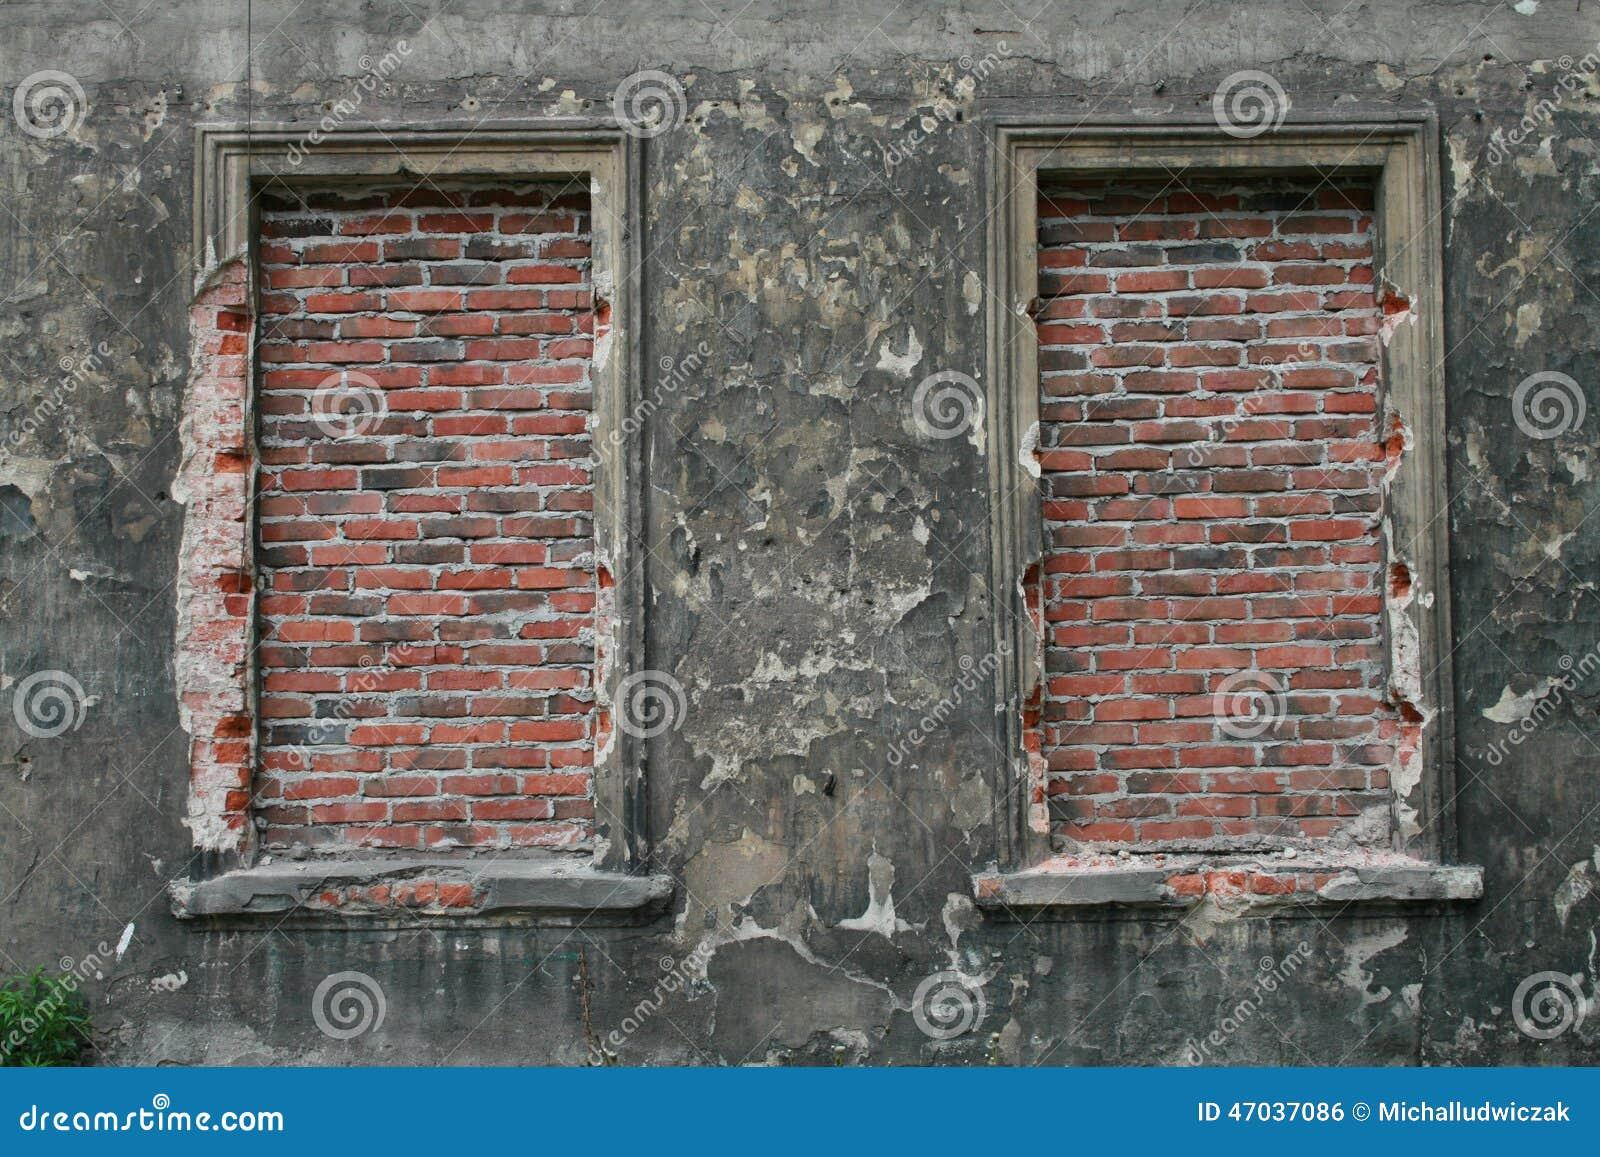 Bricked op vensters in de oude bouw